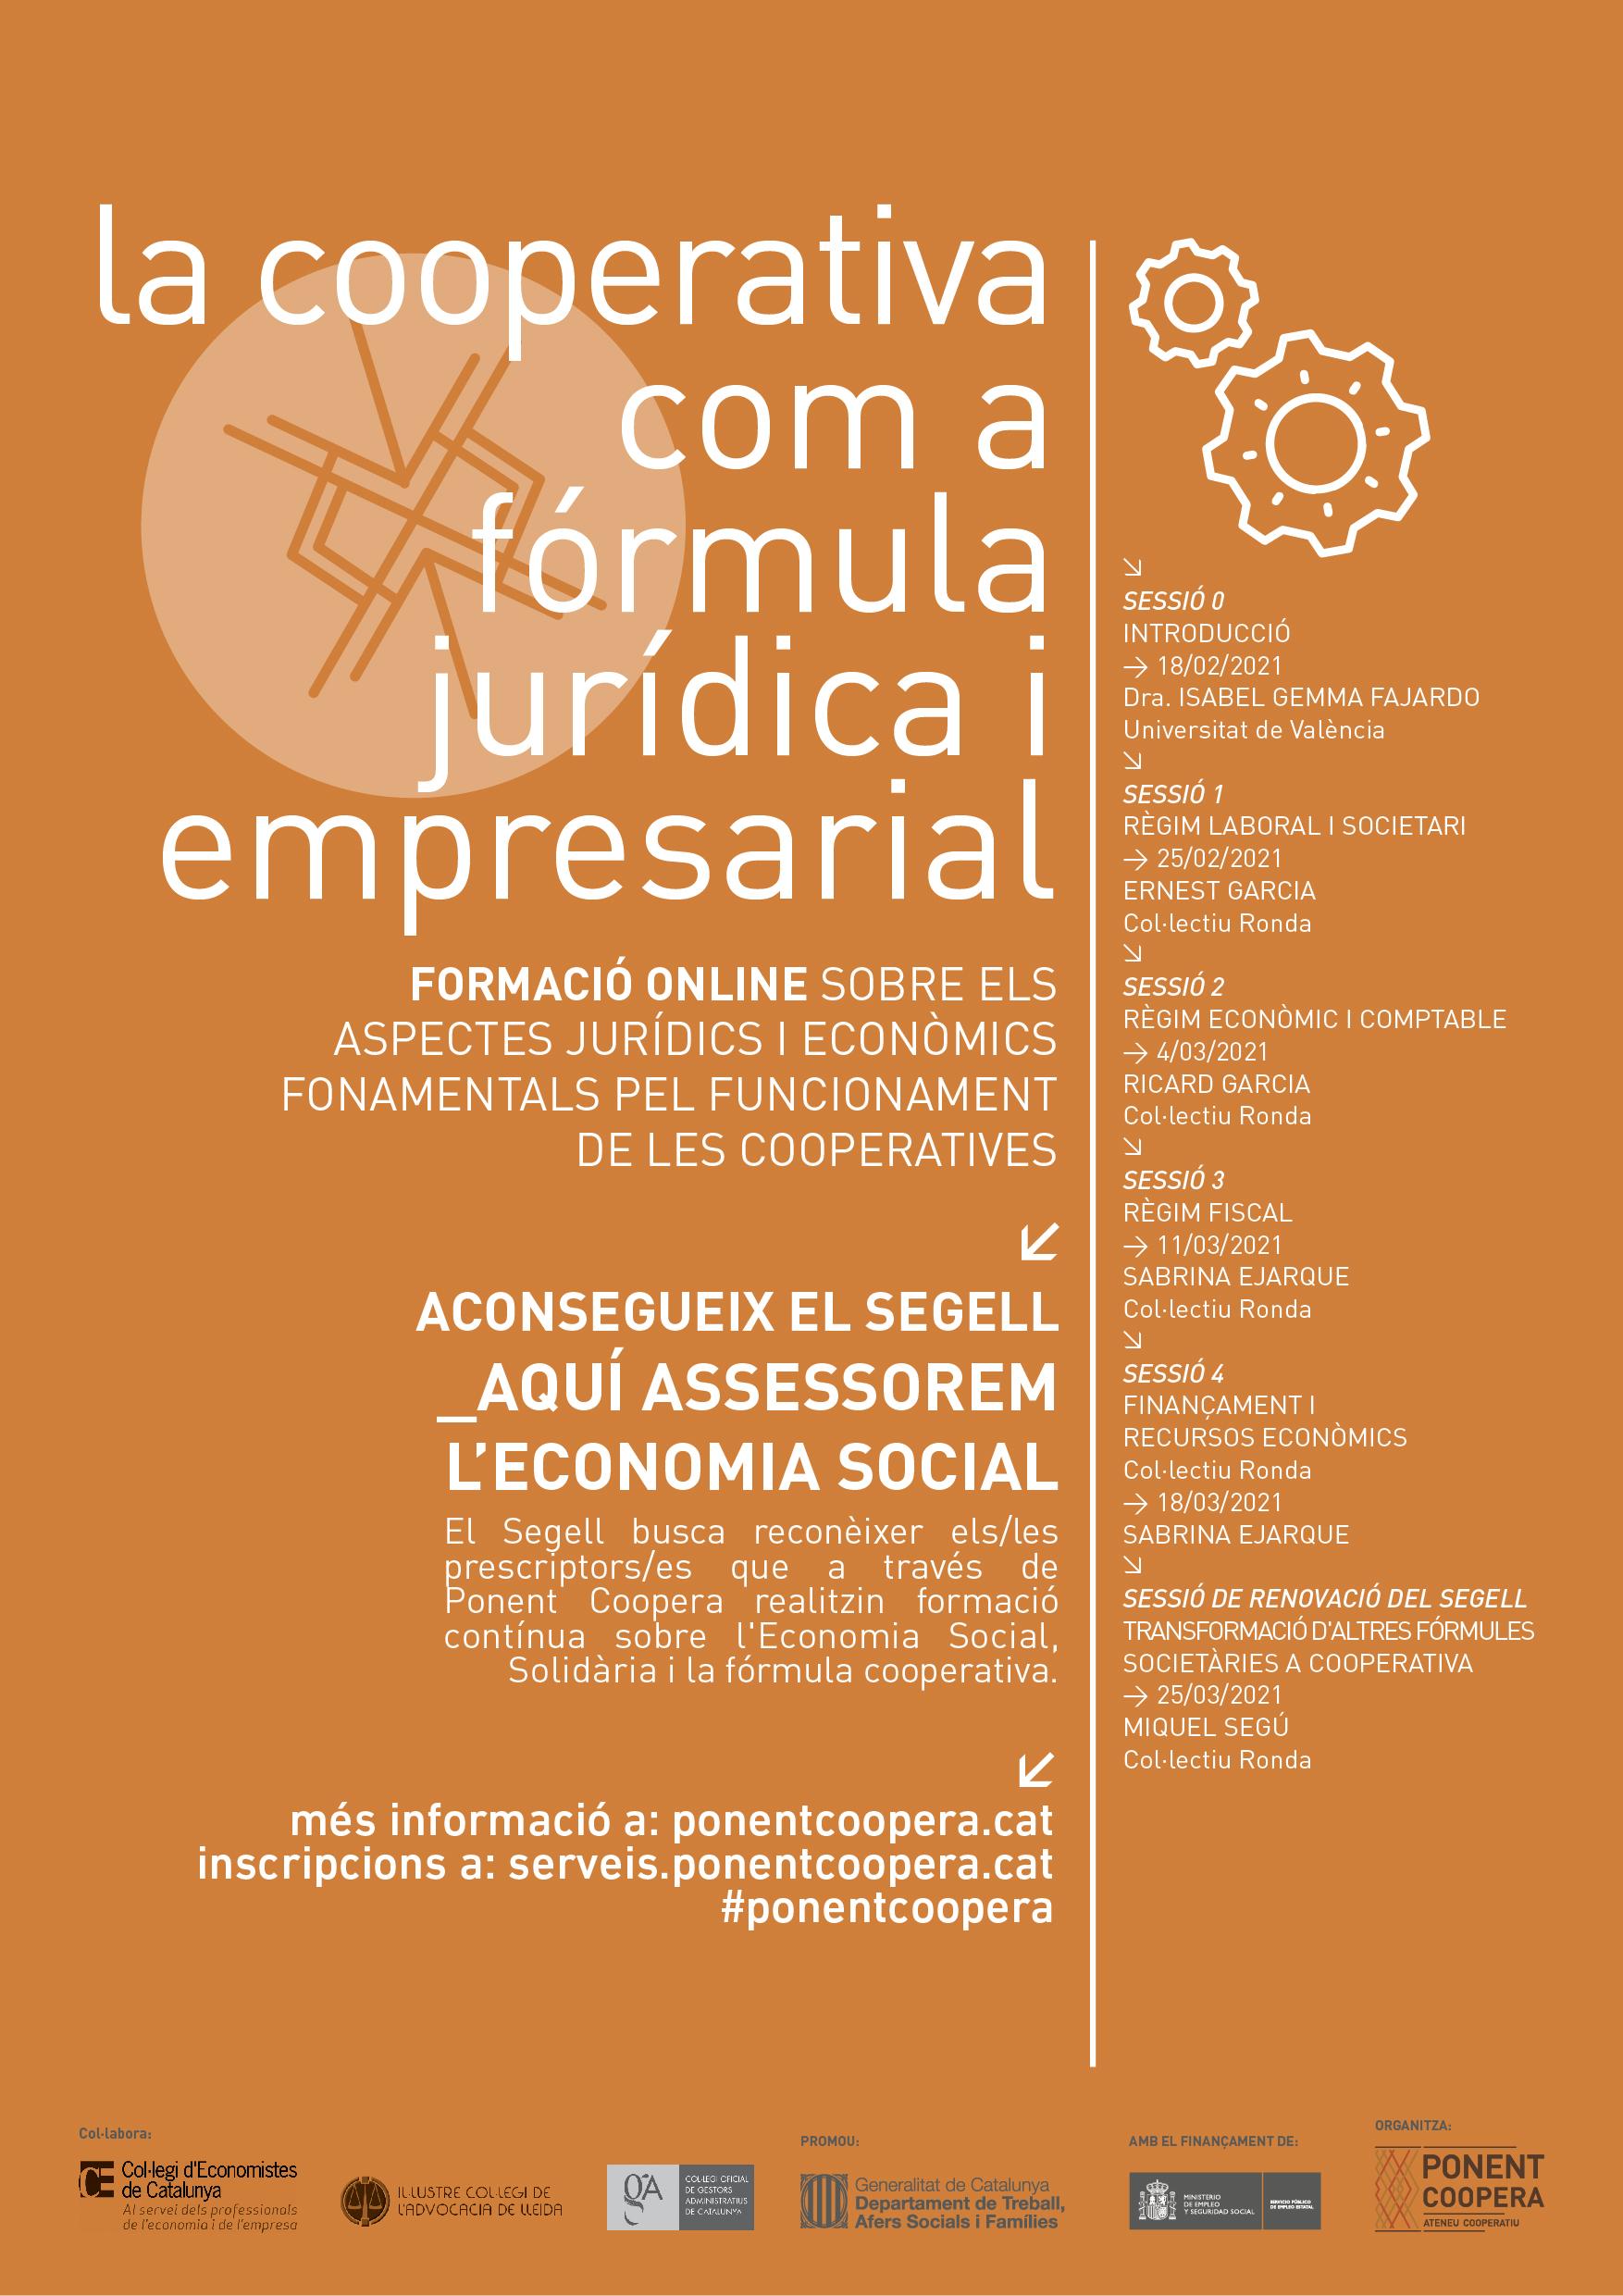 Formació La cooperativa com a fórmula jurídica i empresarial. Sessió 3